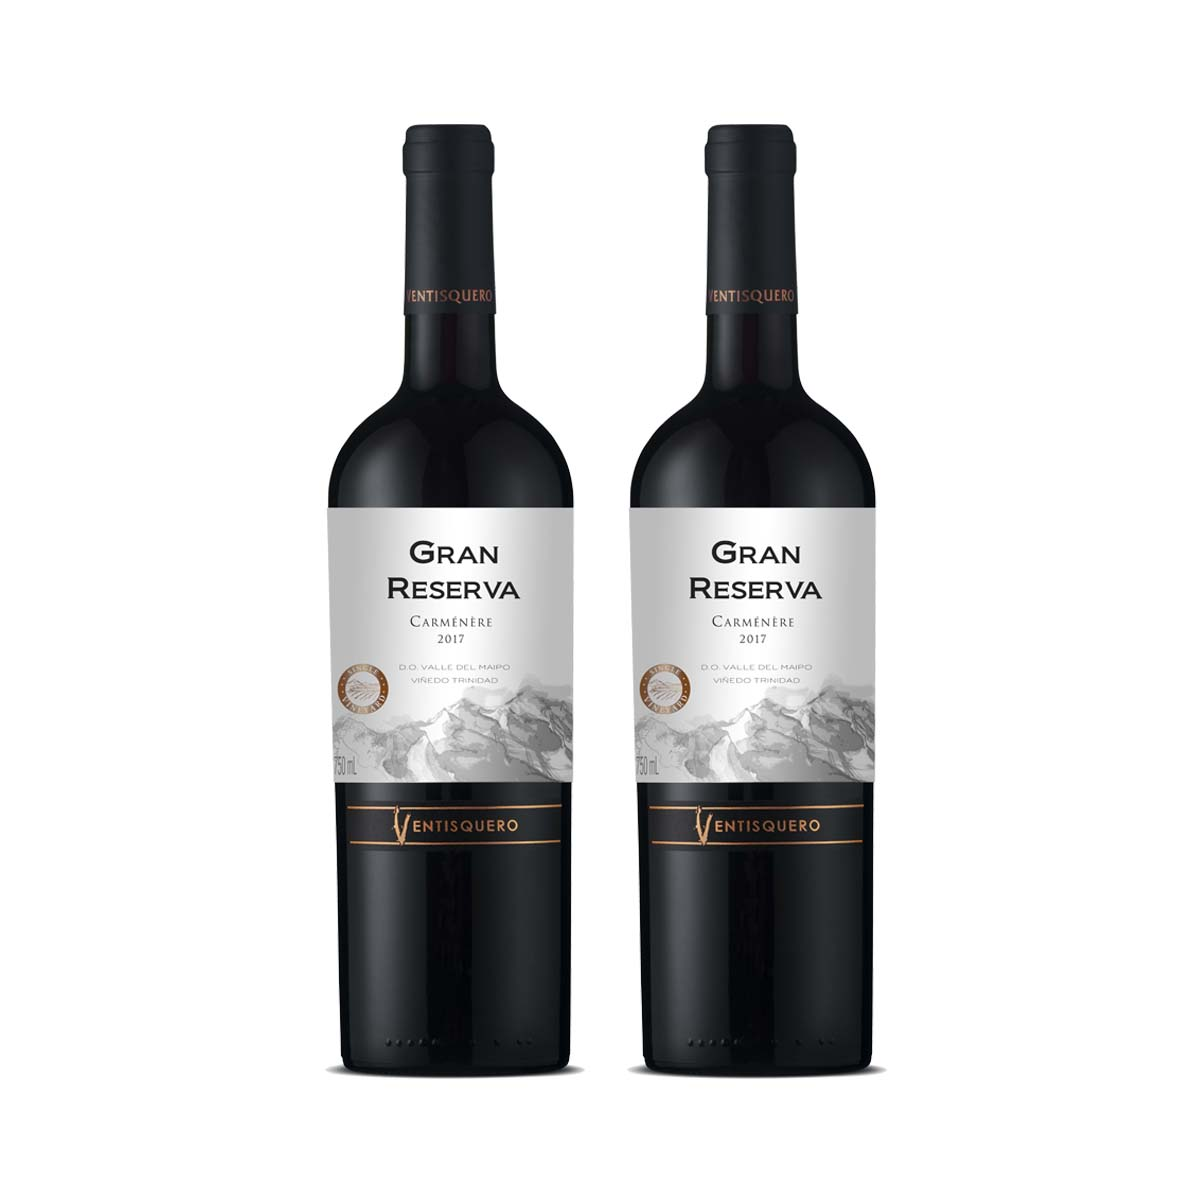 Kit 2x Vinho Tinto Chileno Ventisquero Gran Reserva Carmenere 750ml 2018